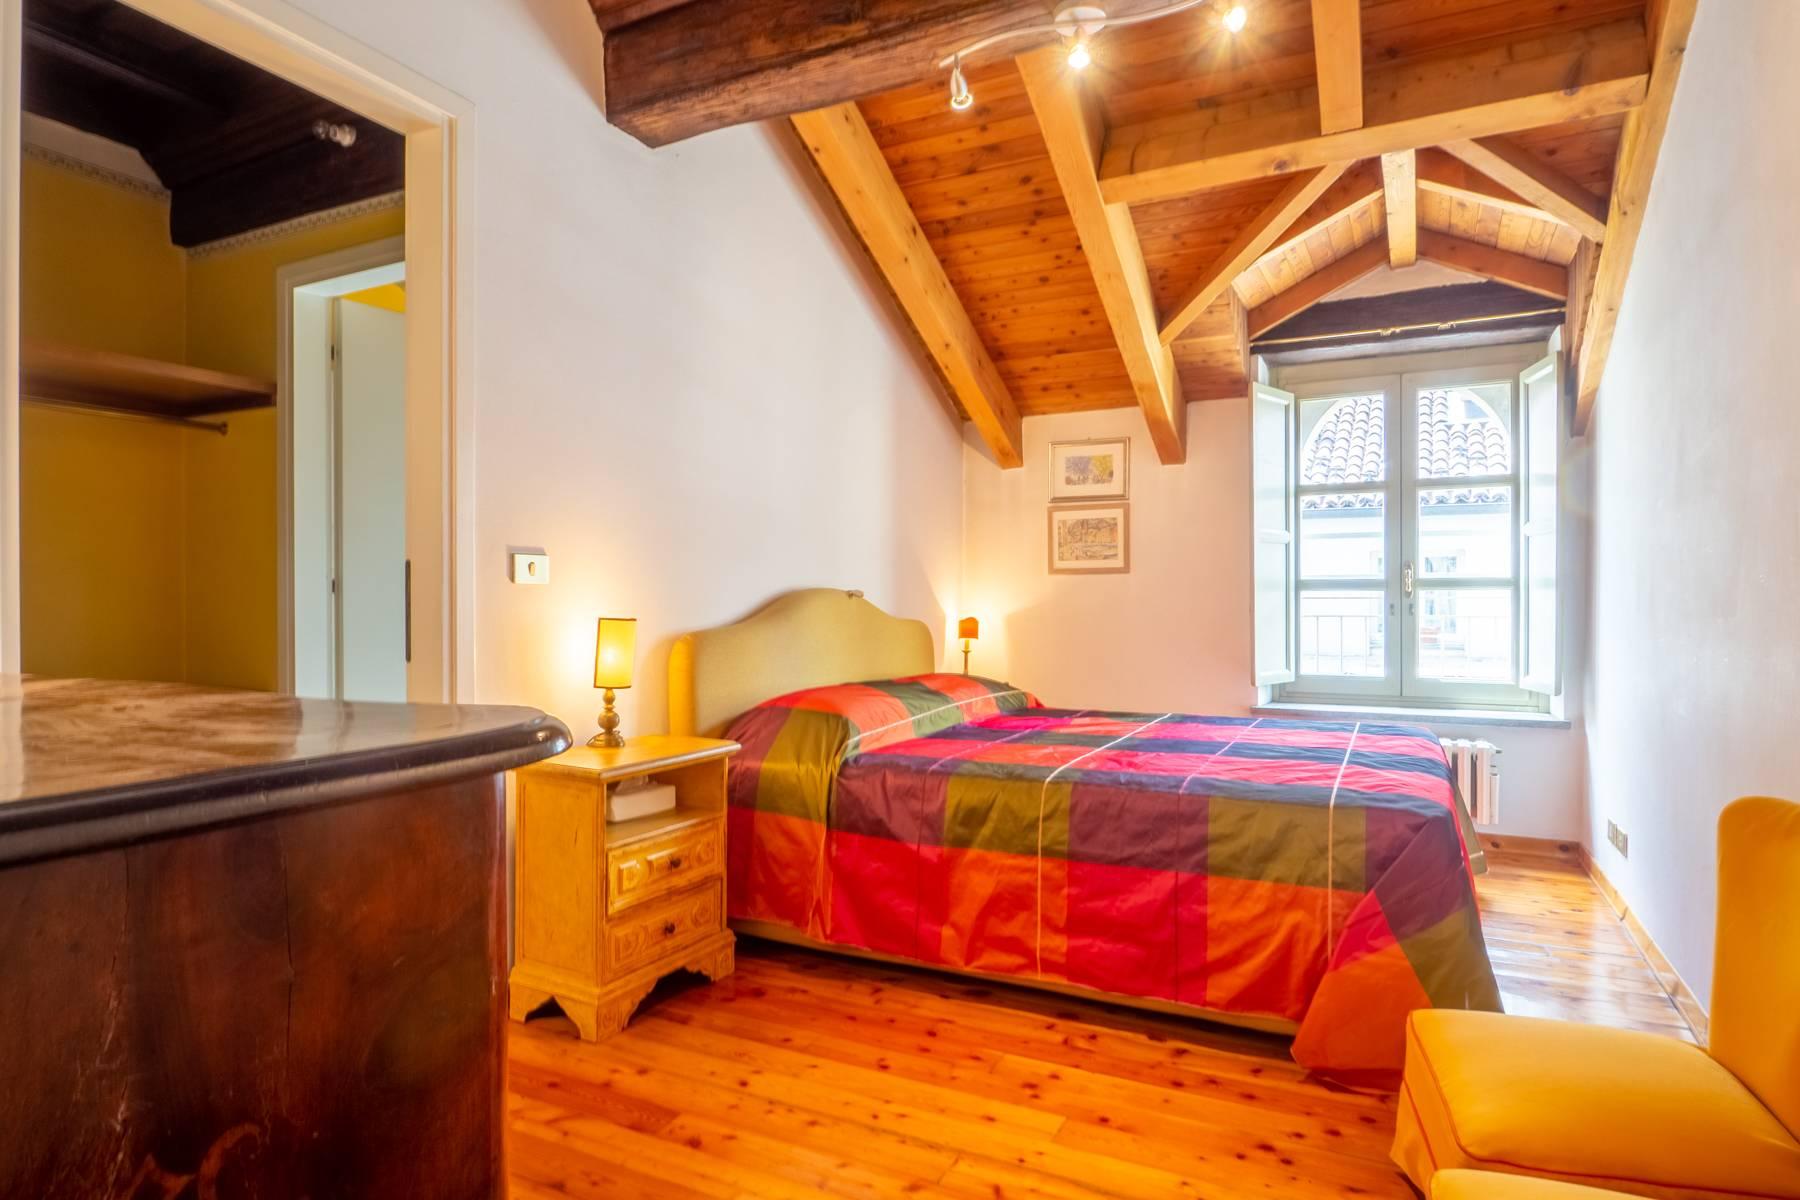 Appartamento in Vendita a Torino: 4 locali, 119 mq - Foto 5